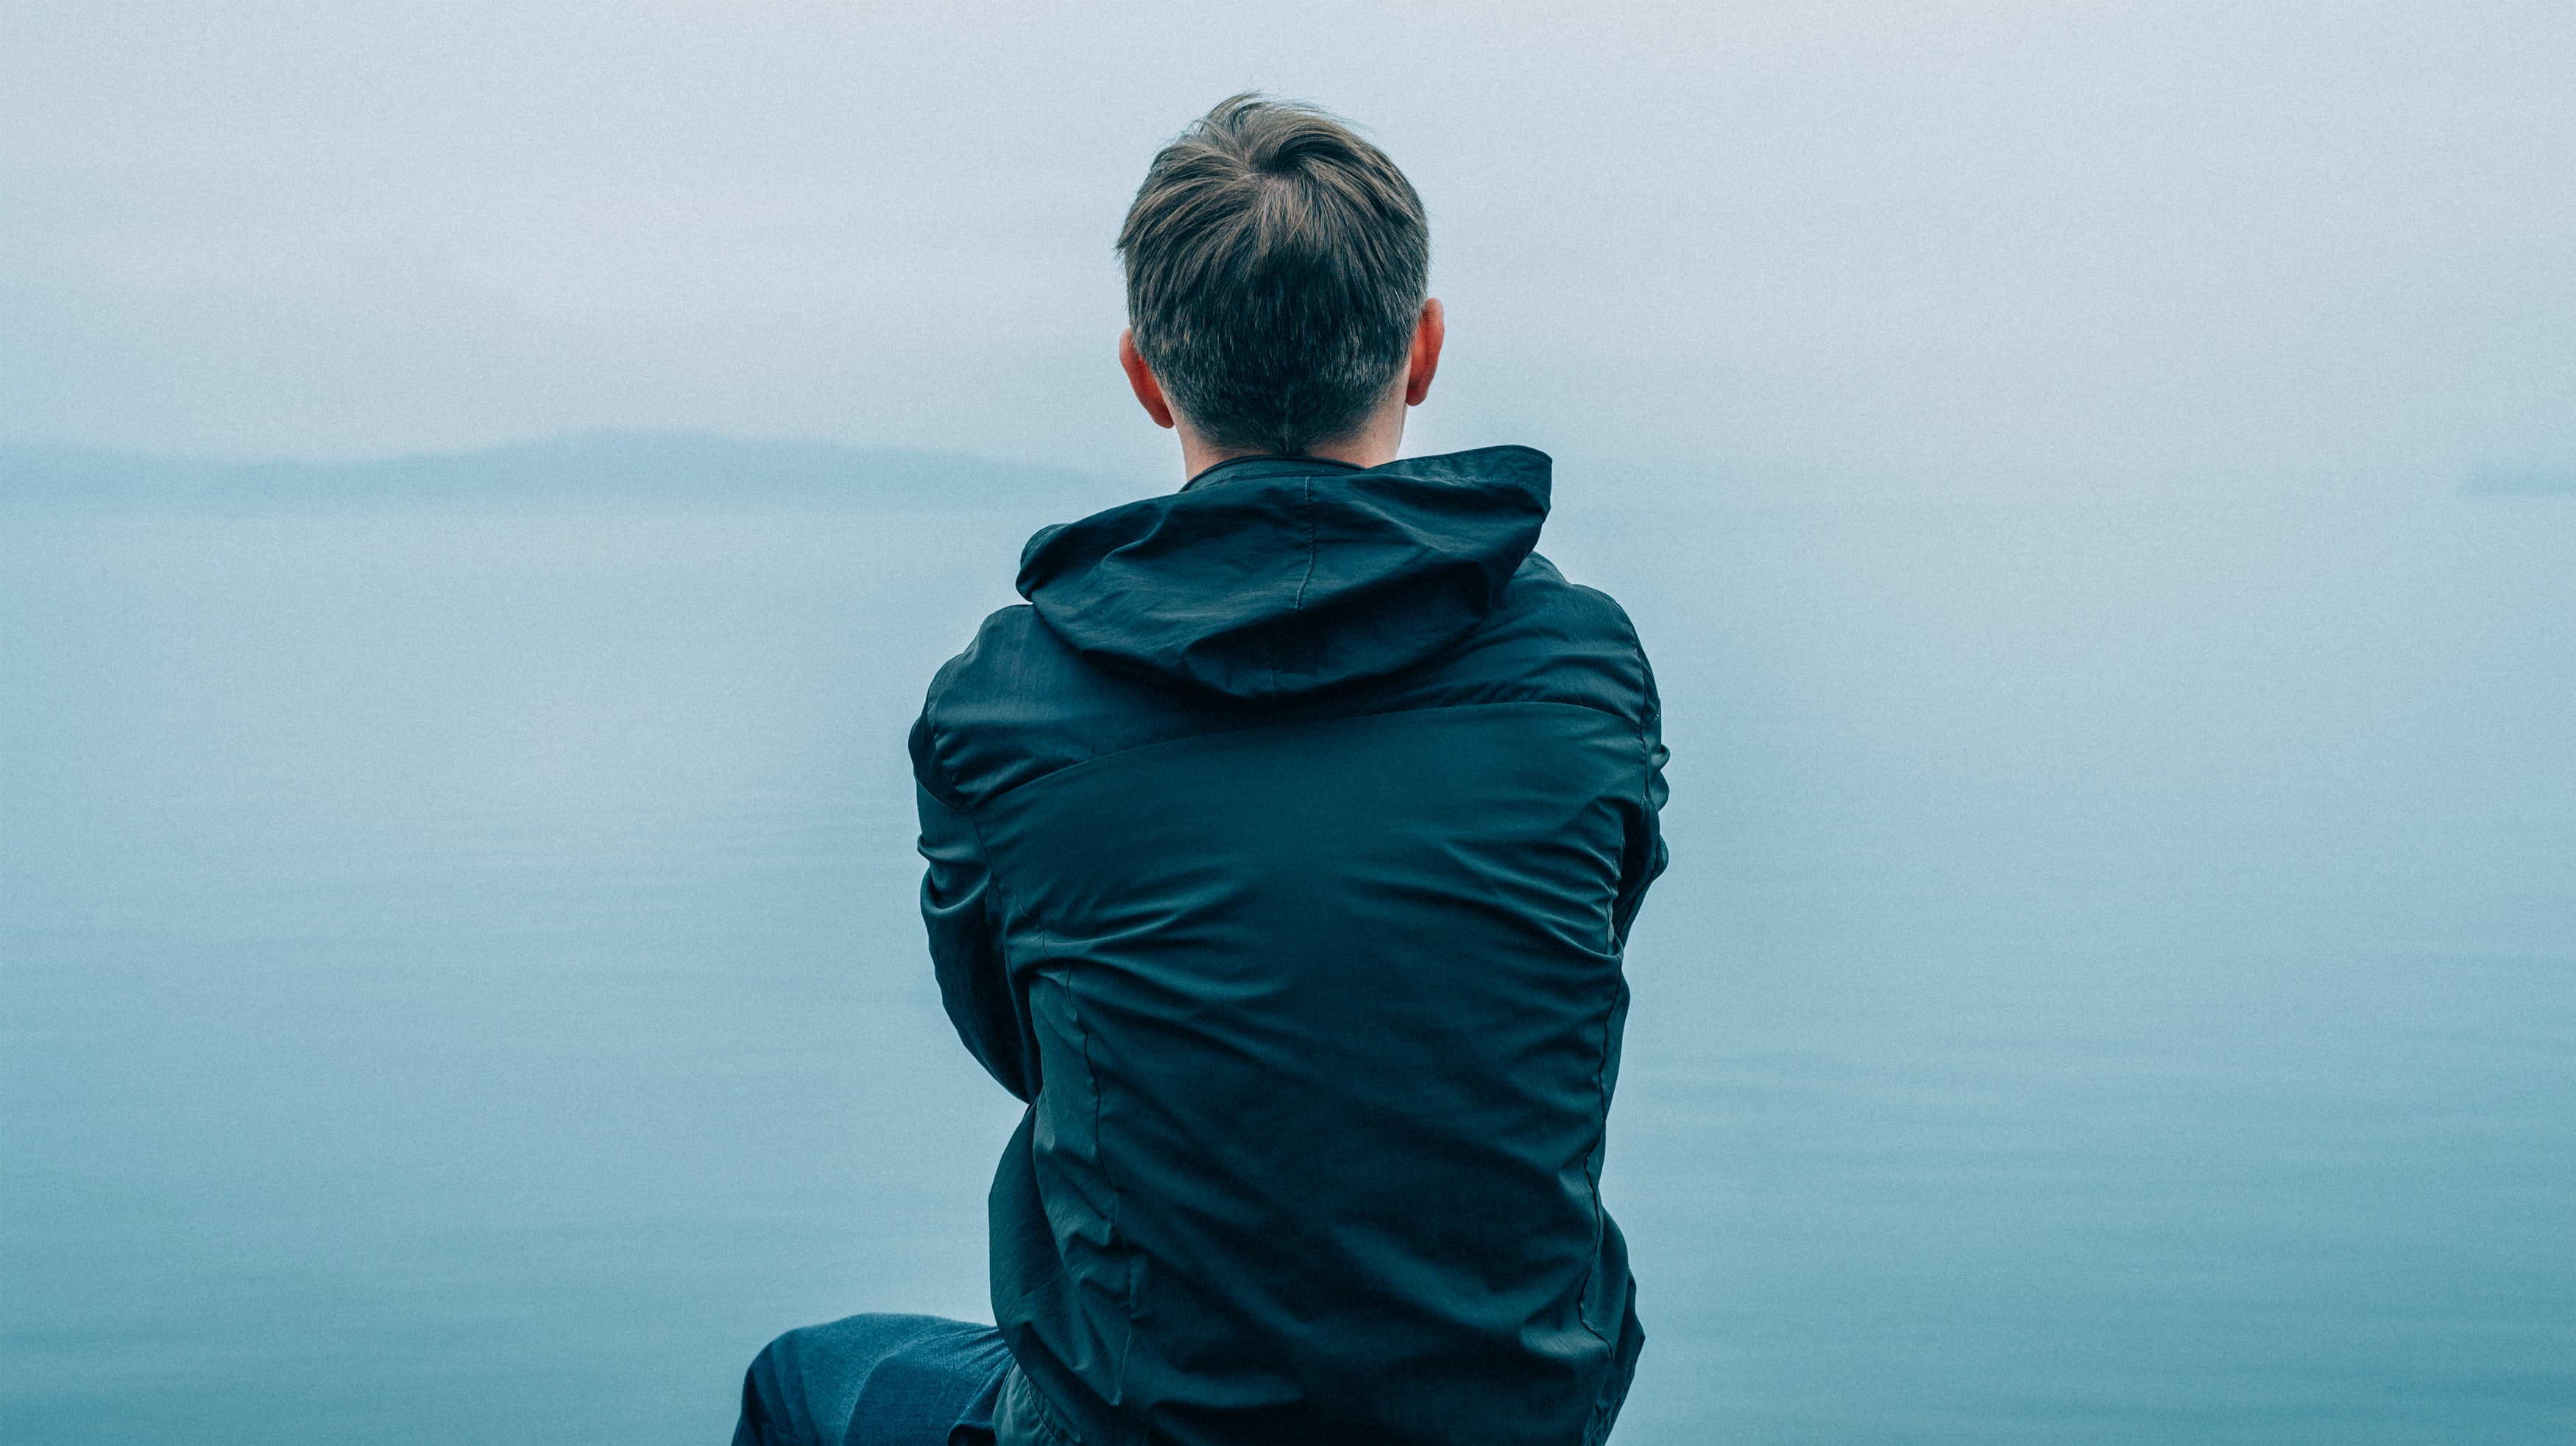 man in black hoodie sitting in front of ocean